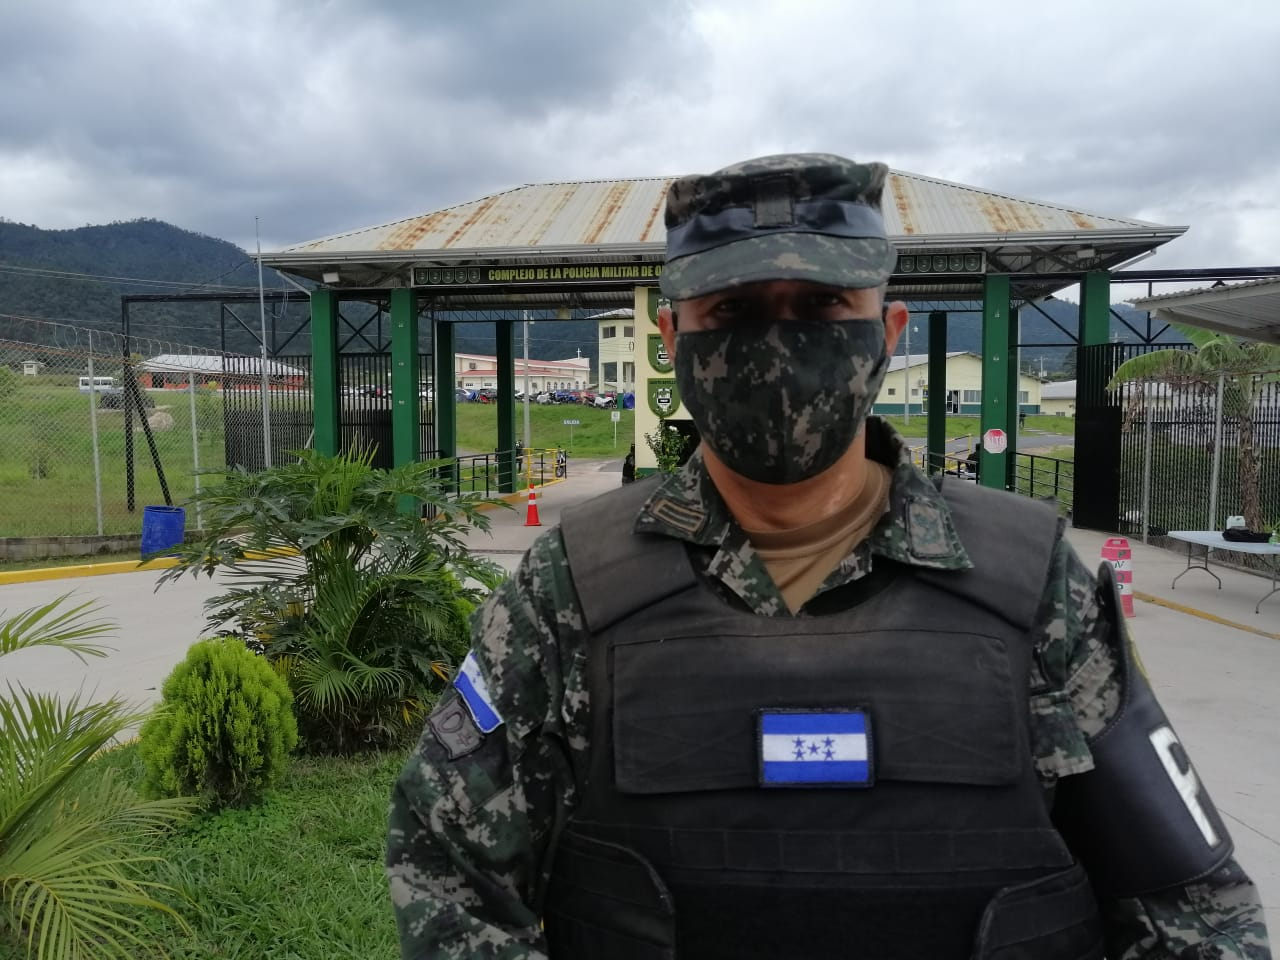 83 Personas detenidas en el marco de la Operación Júpiter IV a nivel nacional.